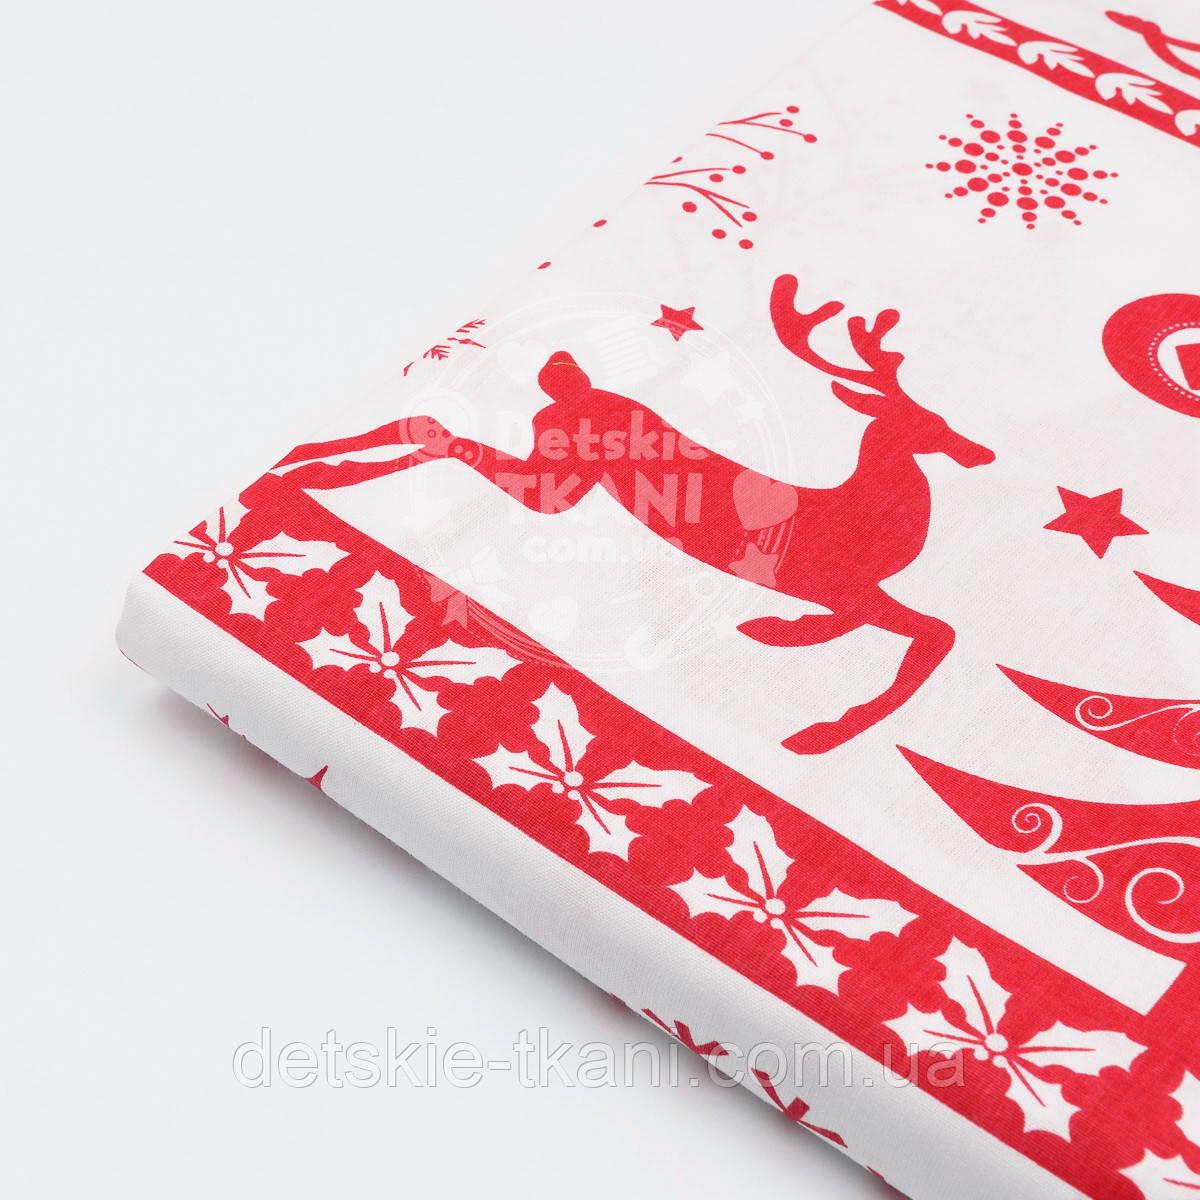 """Лоскут ткани №456 """"Merry Christmas"""" с красными полосками и узором"""